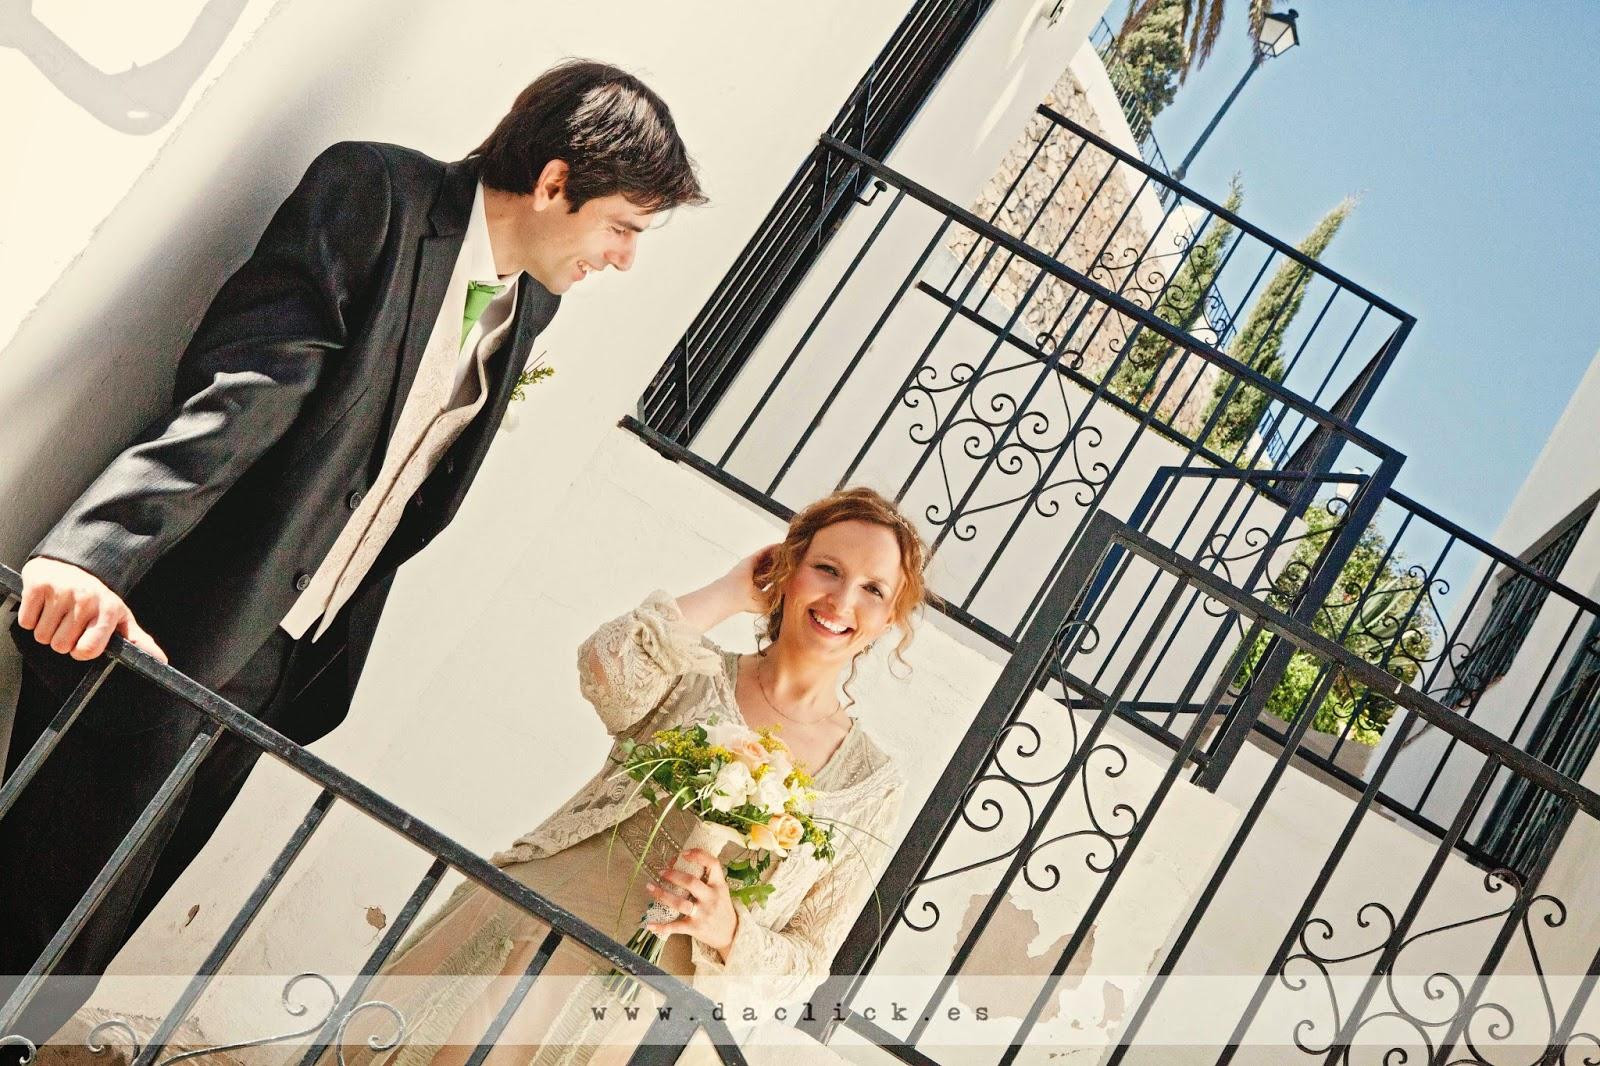 novios tras el forjado de la escalera